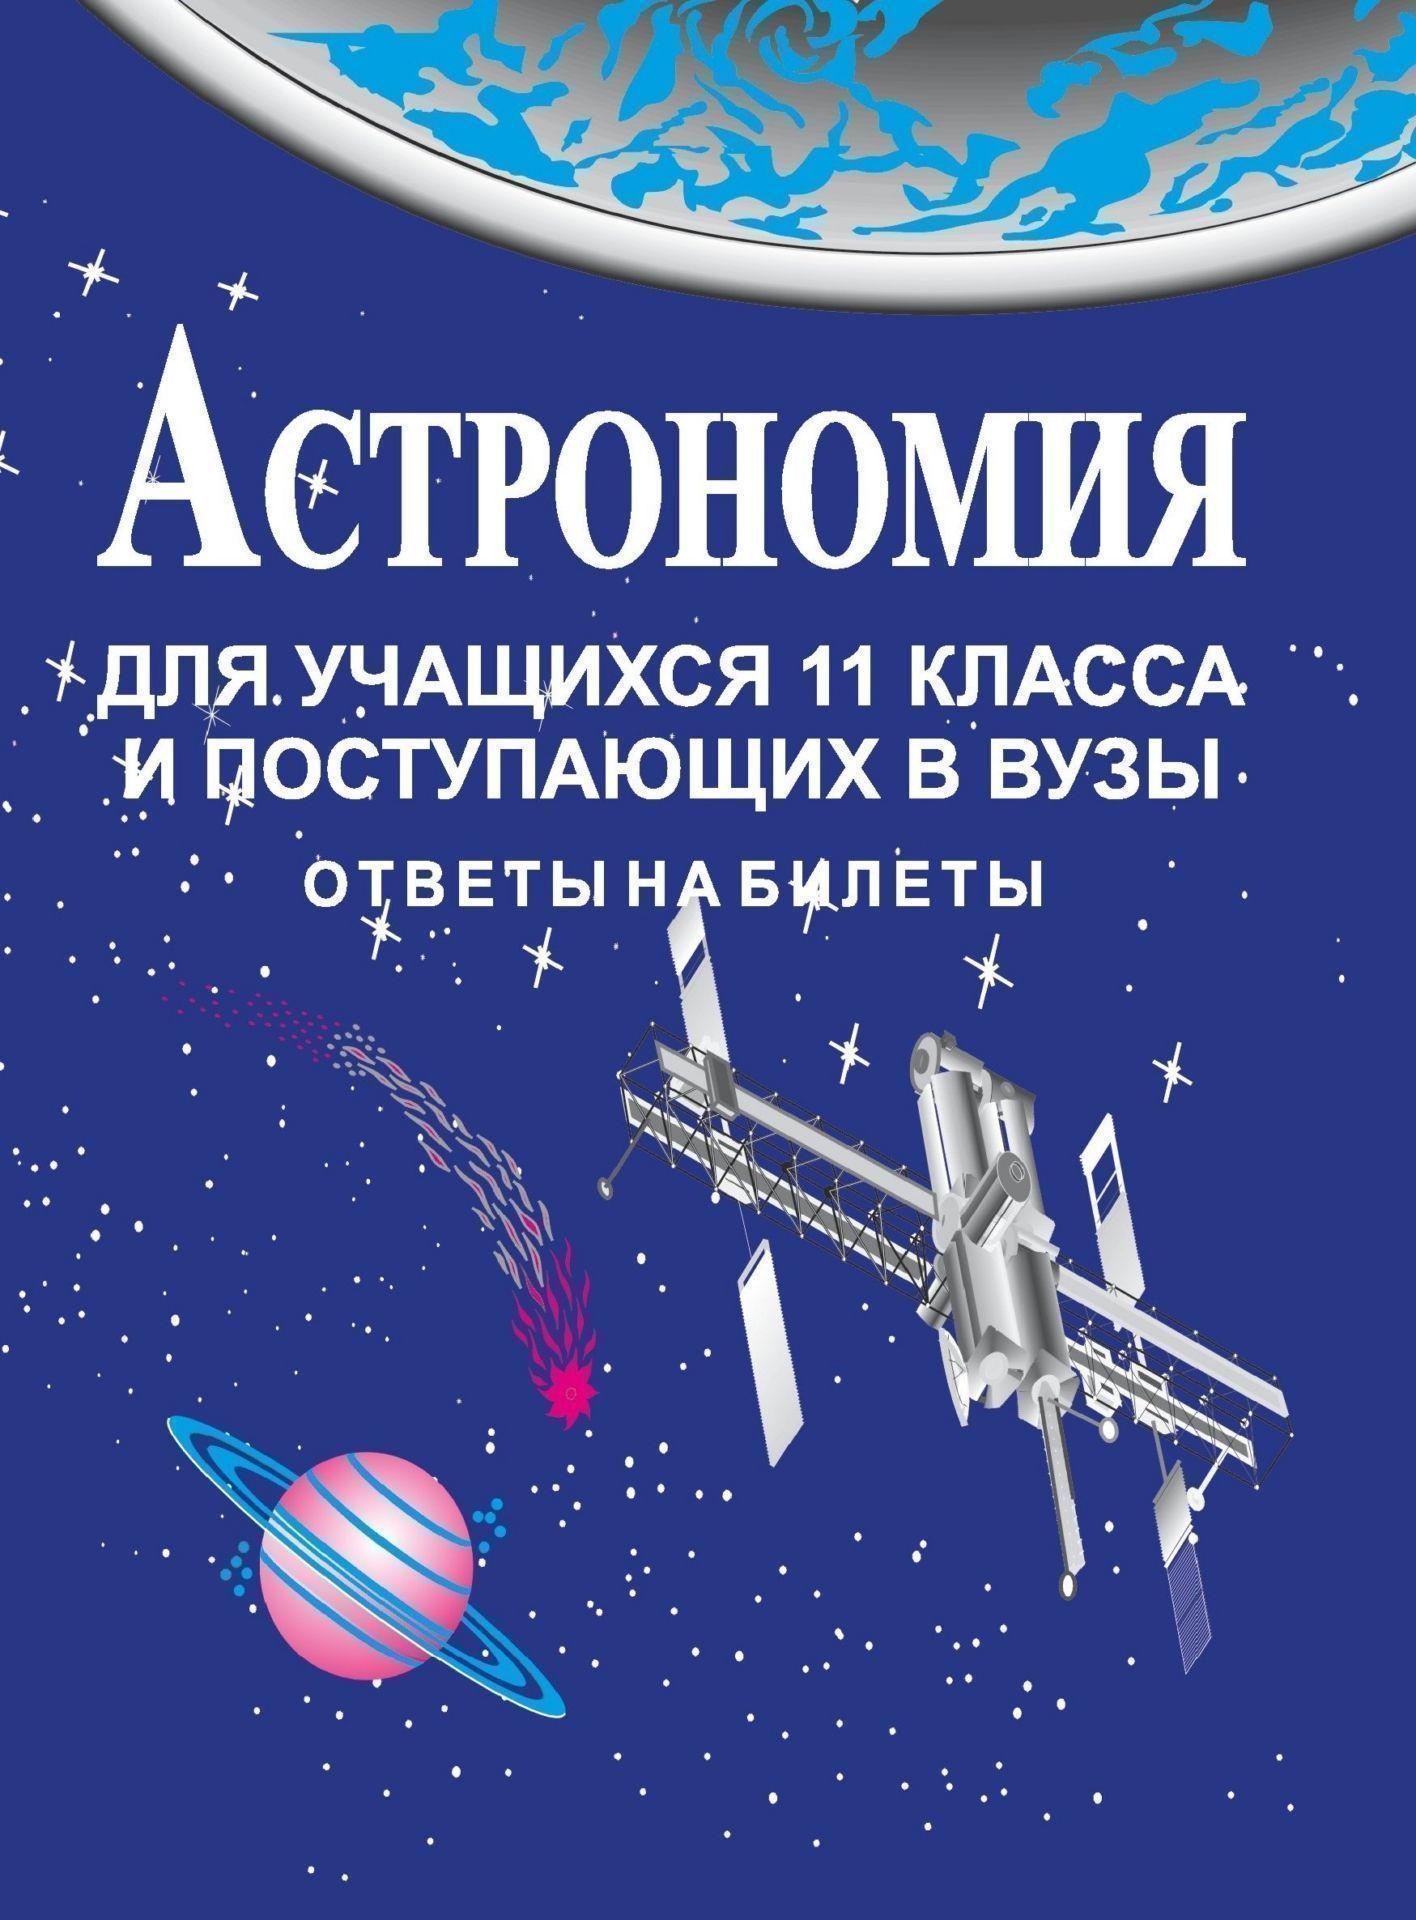 Астрономия для учащихся 11 кл. и поступающих в вузы